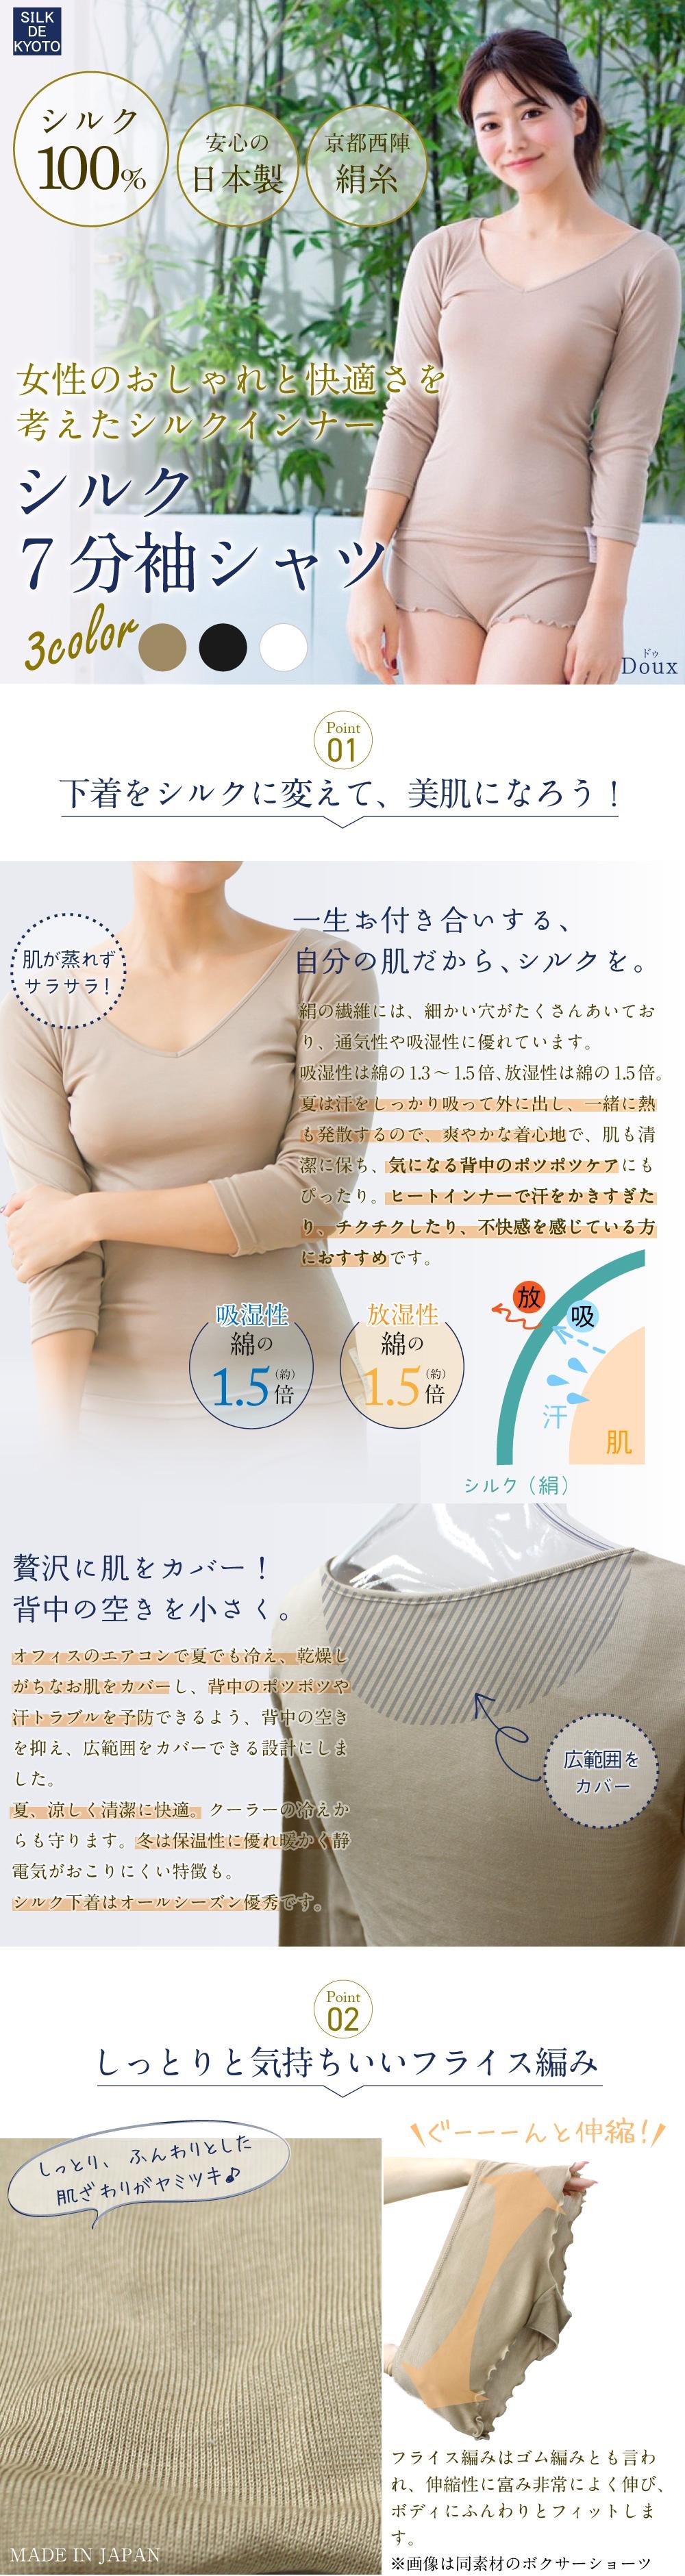 シルク100%フレンチスリーブシャツ